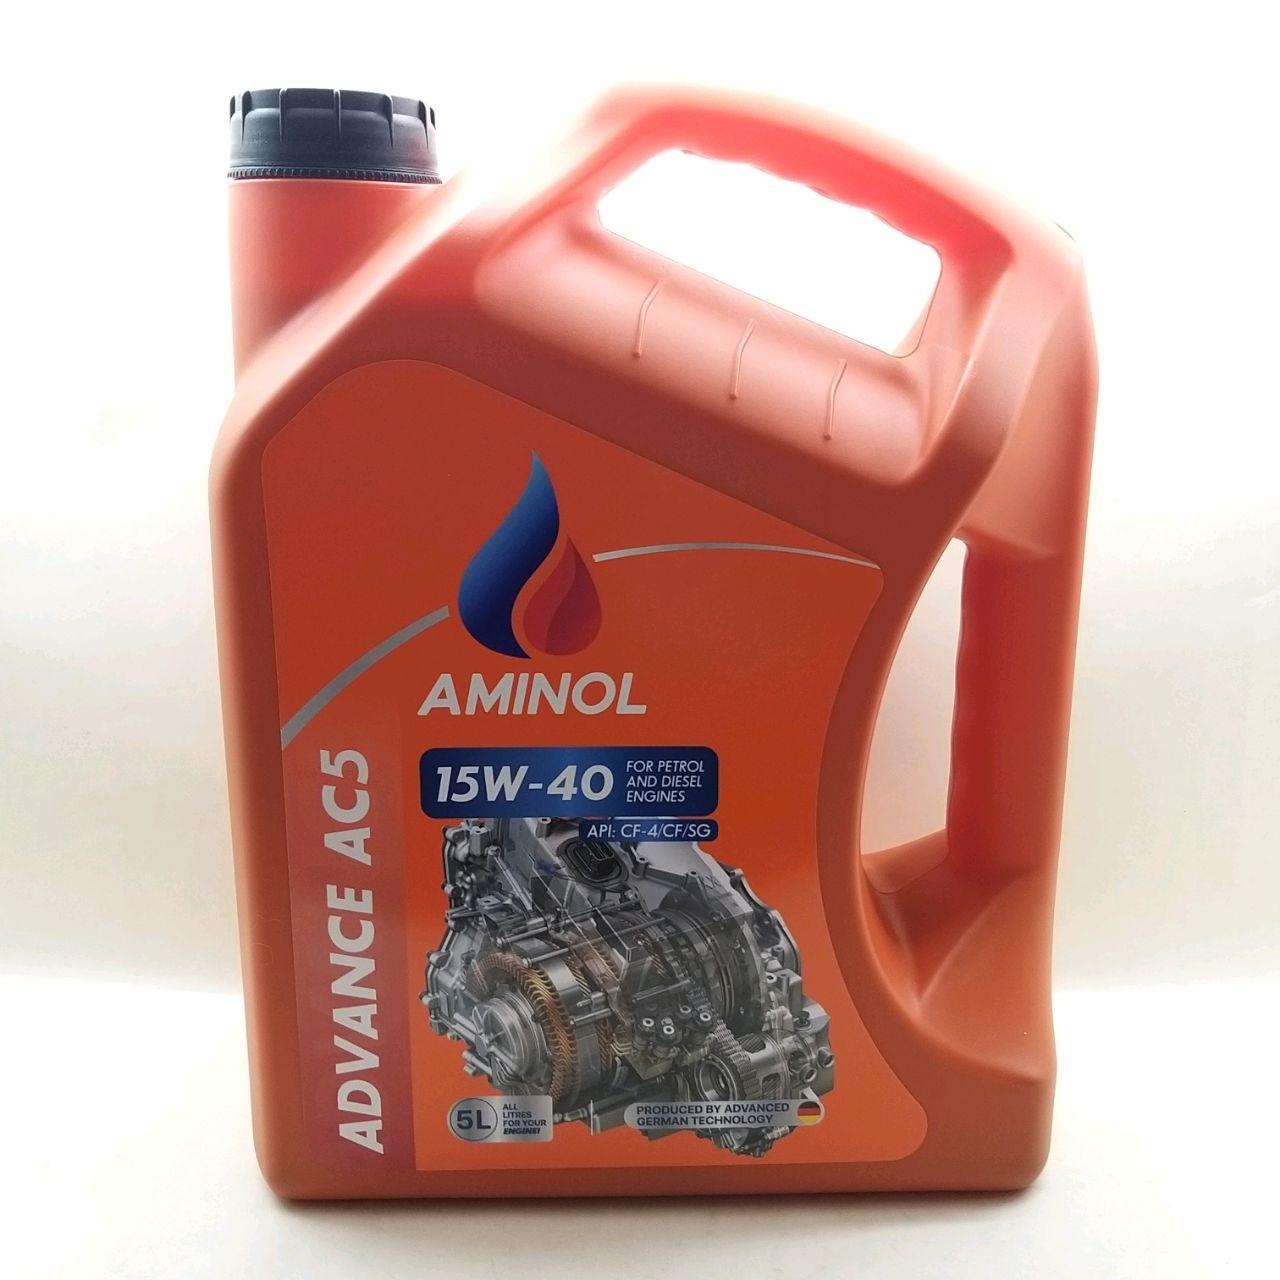 Aminol ADVANCE AC5 15w-40 (CF-4) 5L.